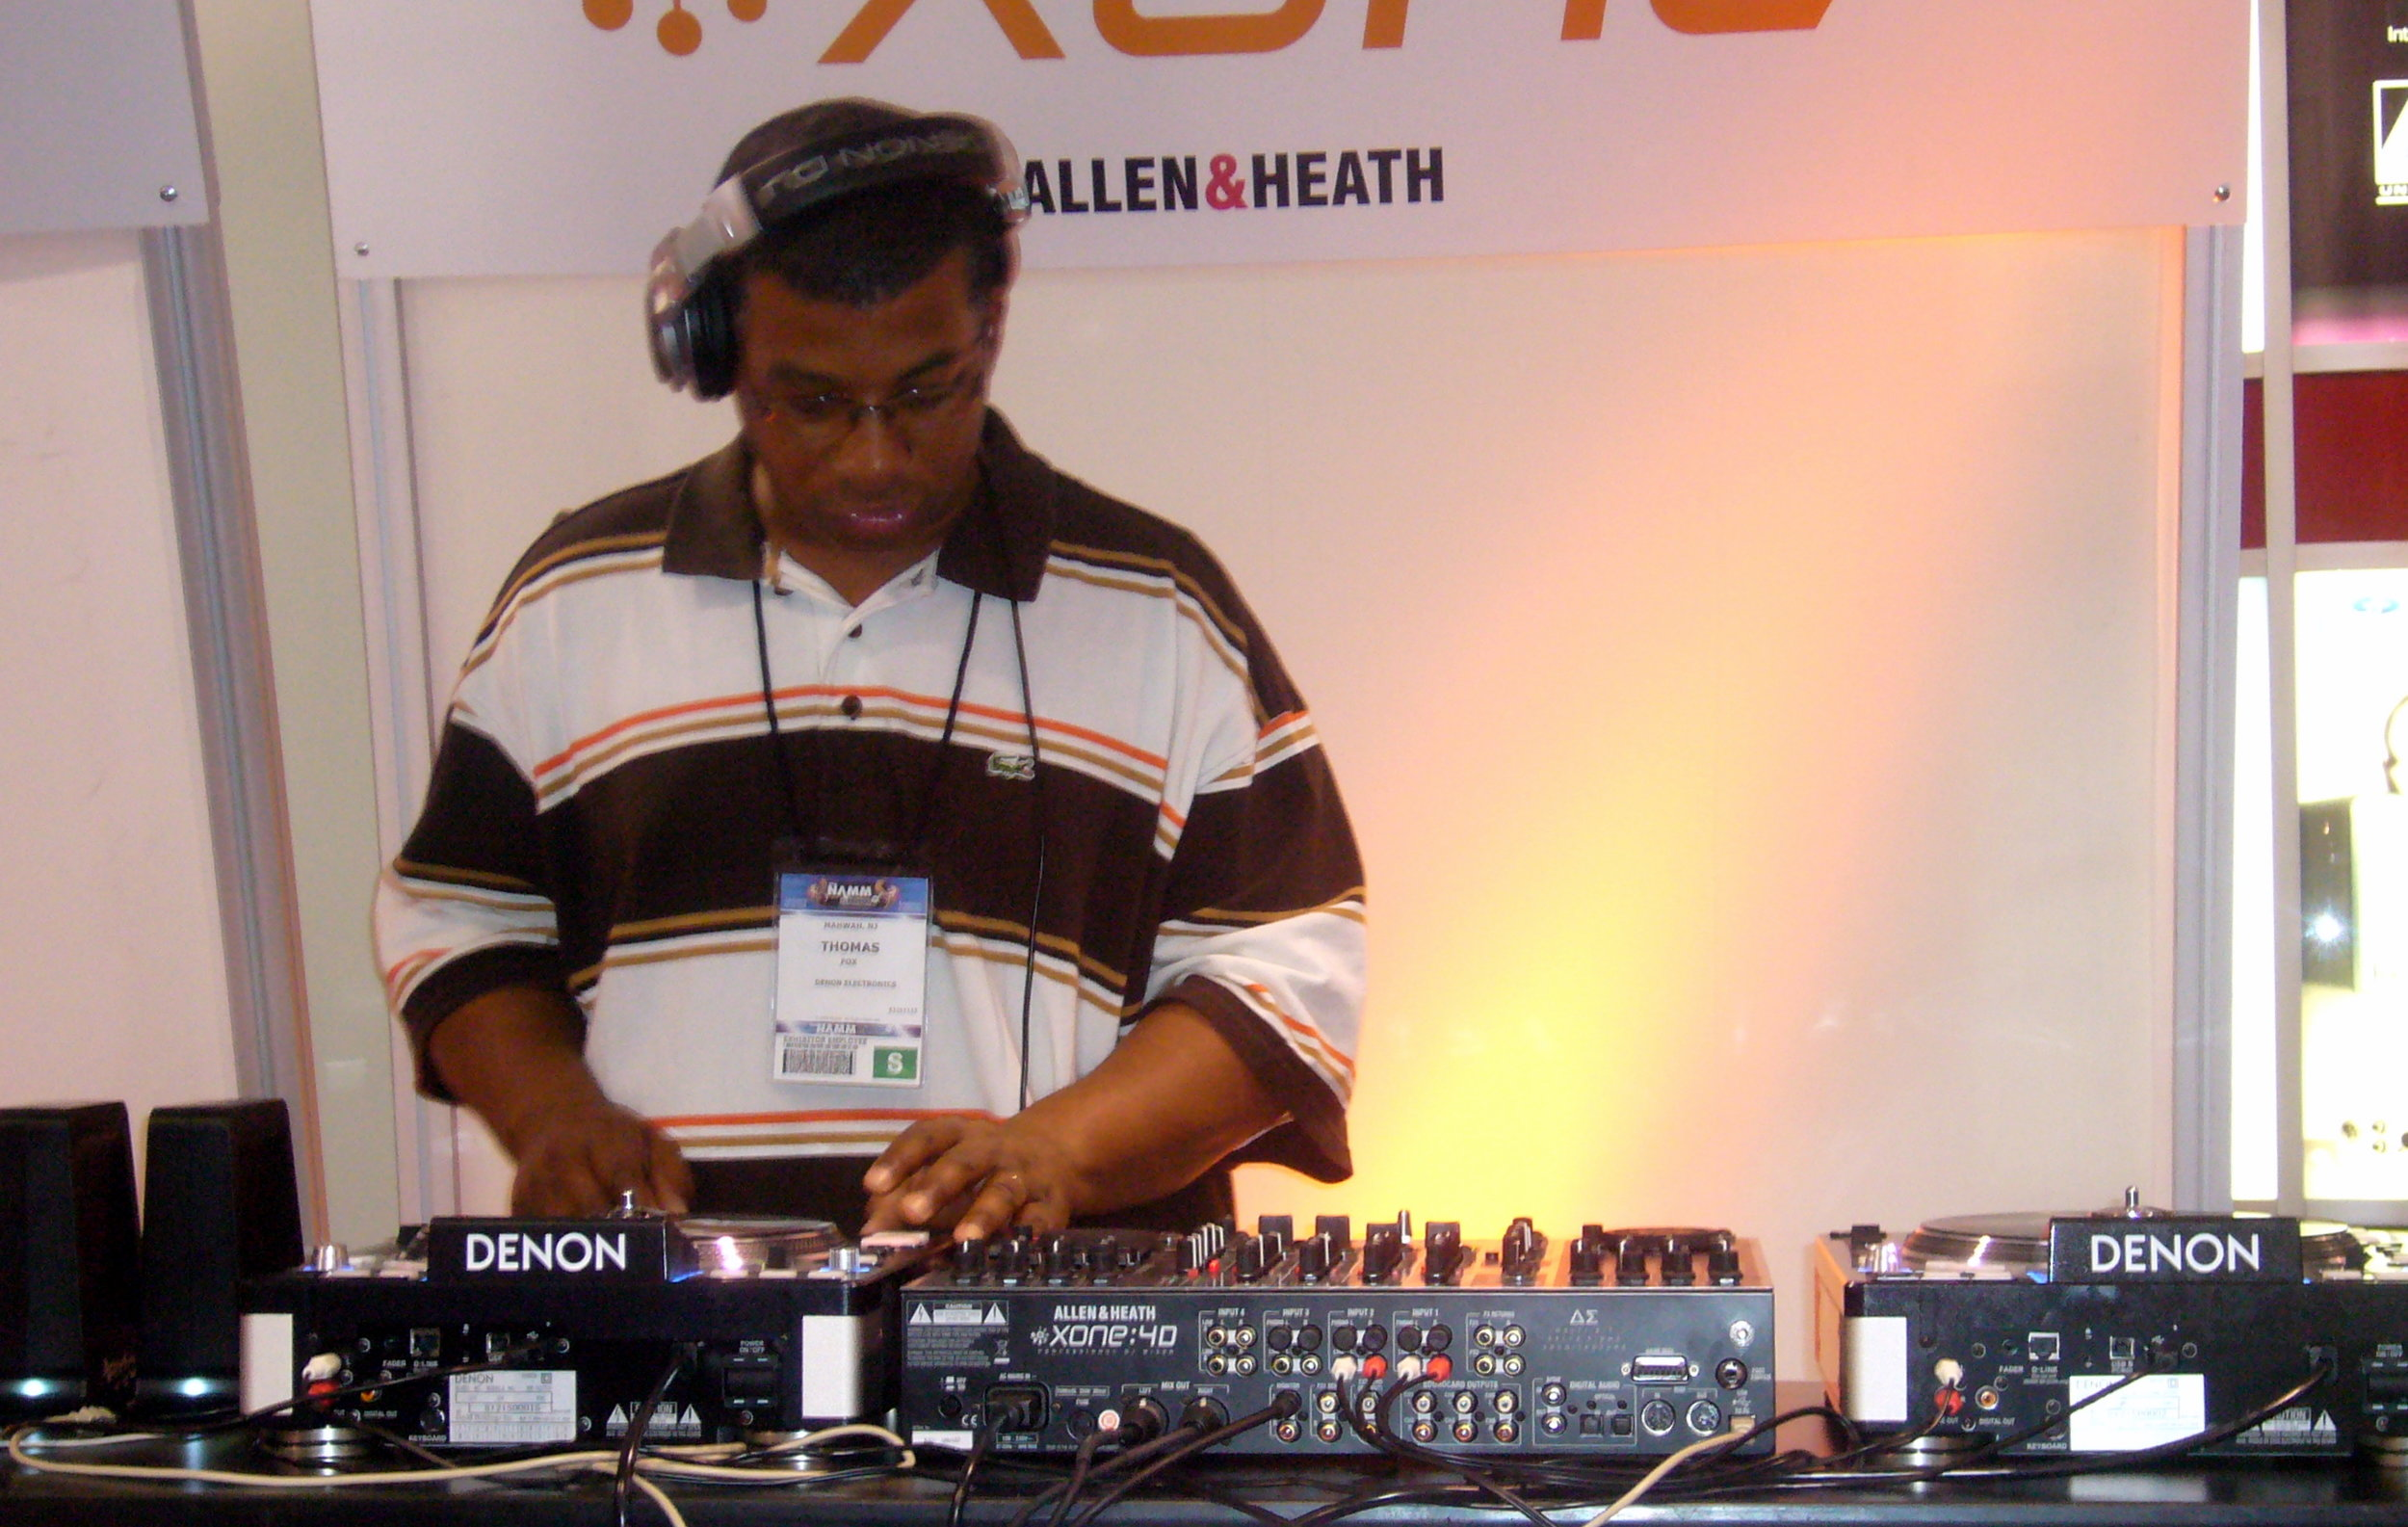 NAMM show, 2009.